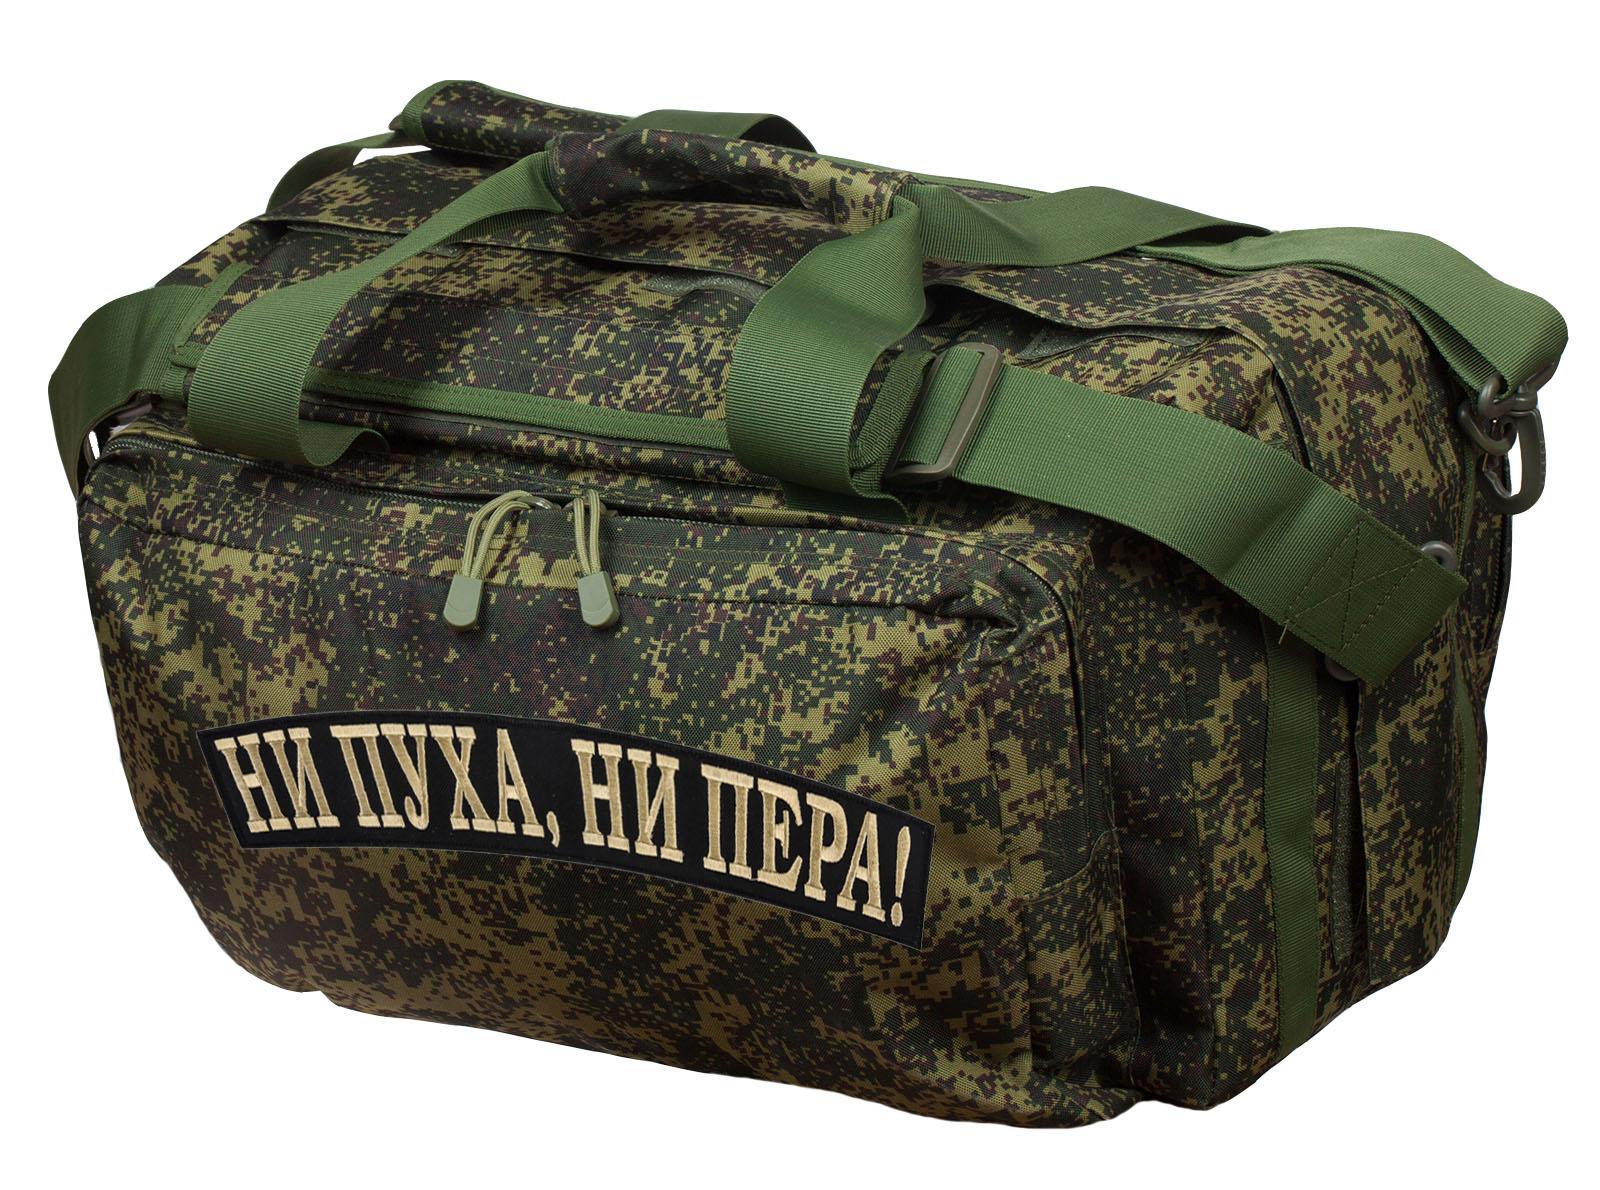 Тактическая камуфляжная сумка с нашивкой Ни пуха, Ни пера заказать онлайн